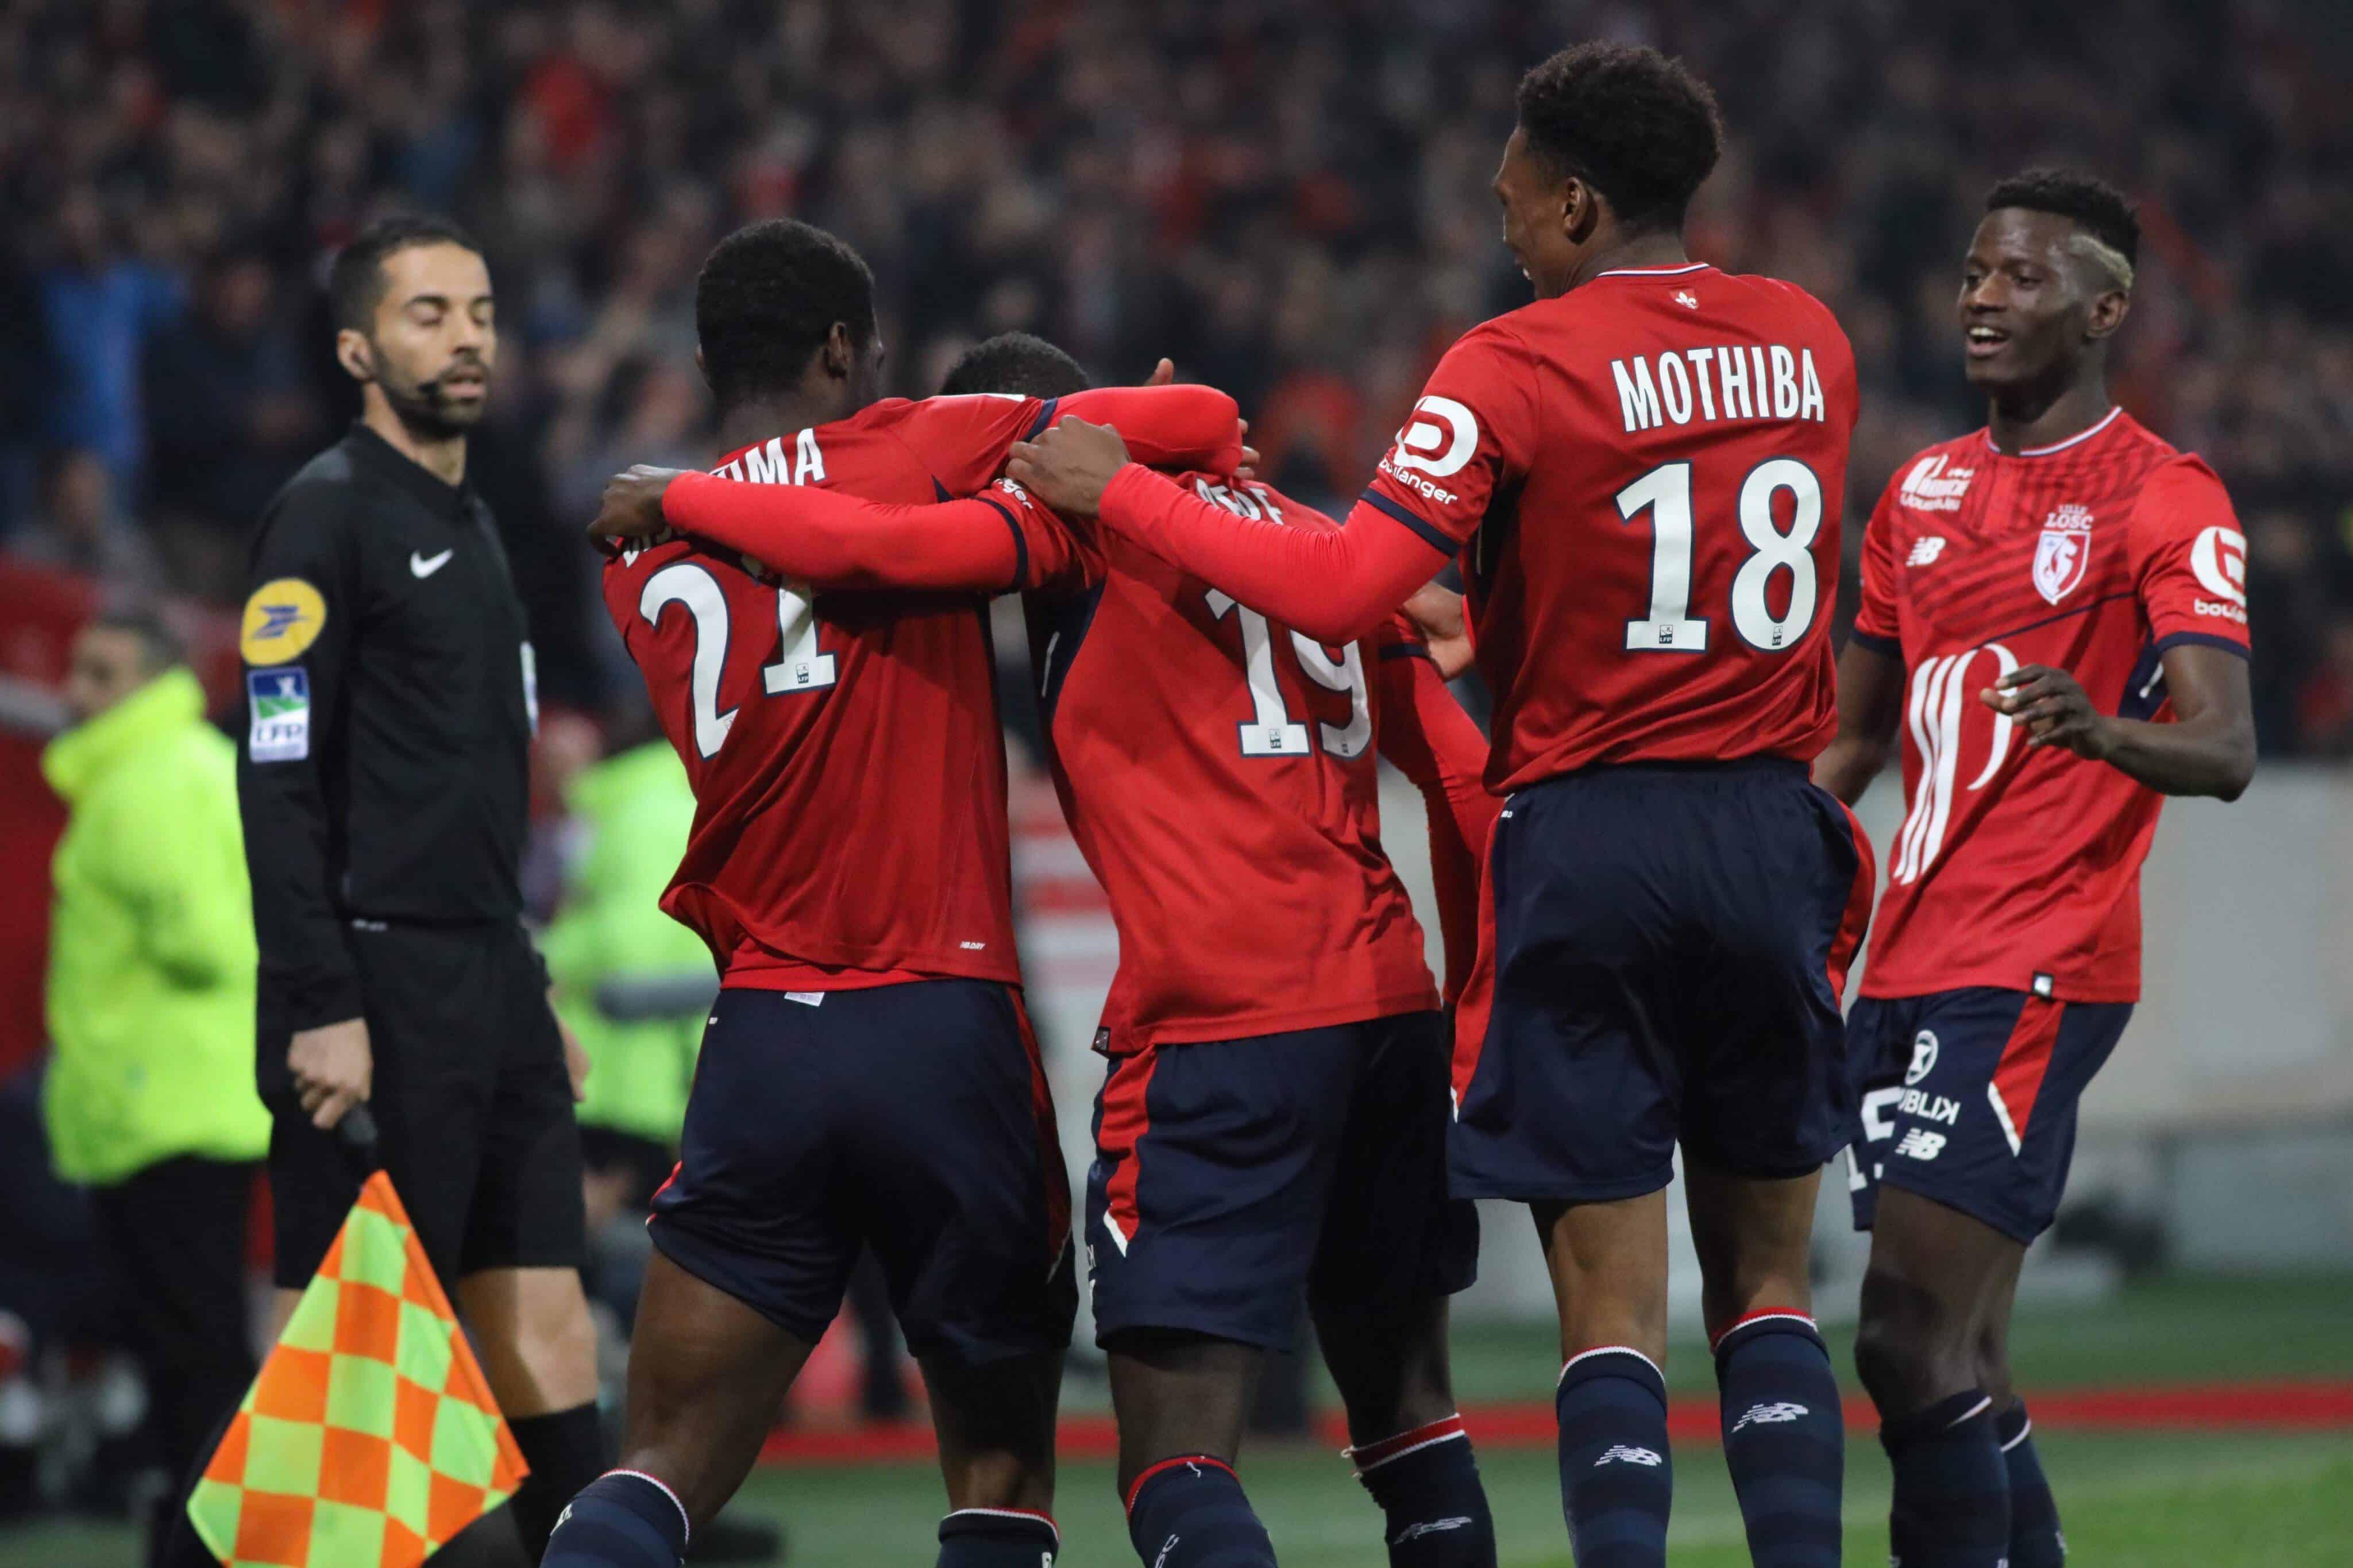 Lille - Galtier met une pression énorme sur ses joueurs